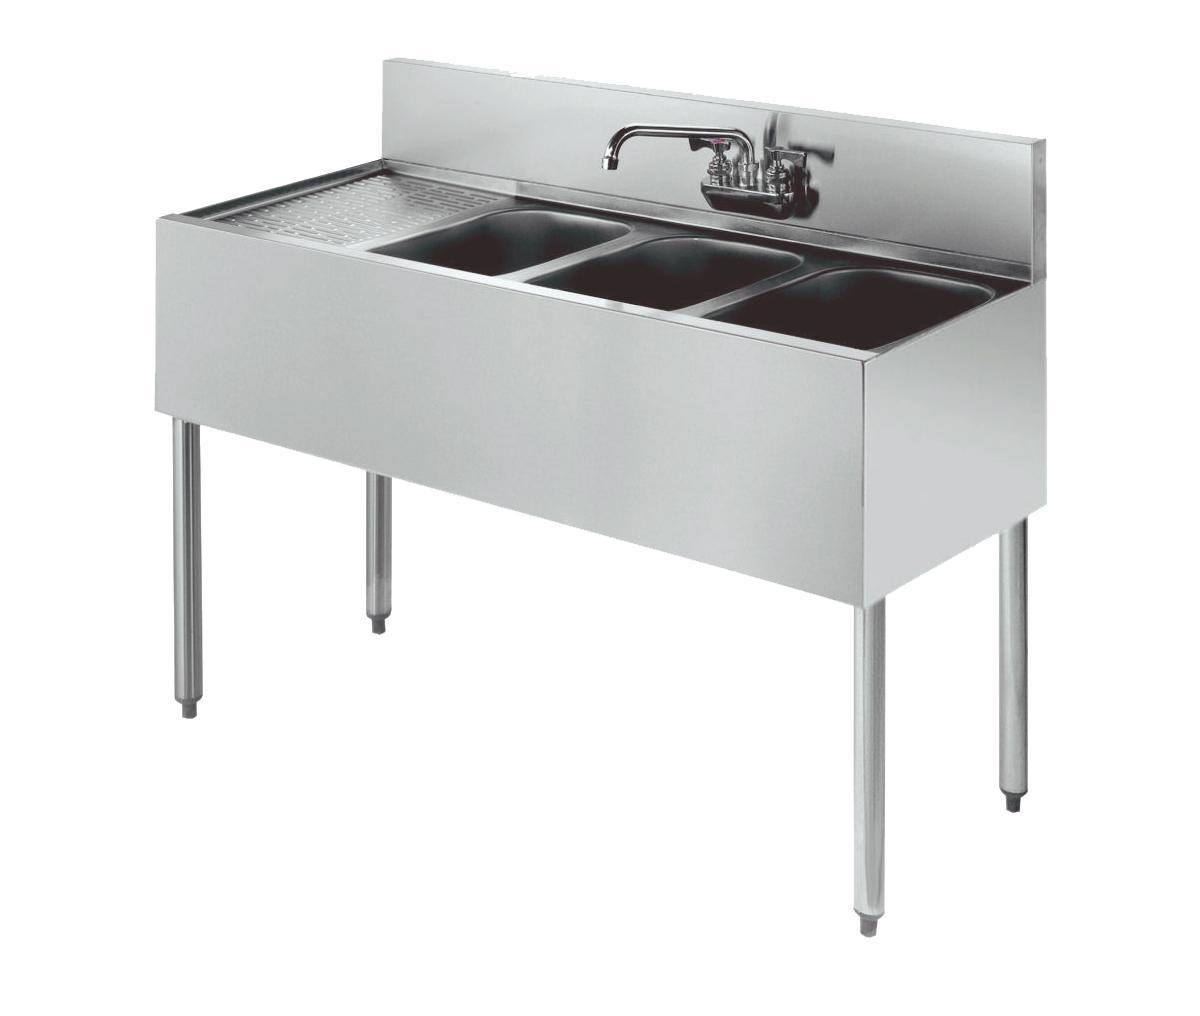 Krowne Metal 21-43R underbar sink units